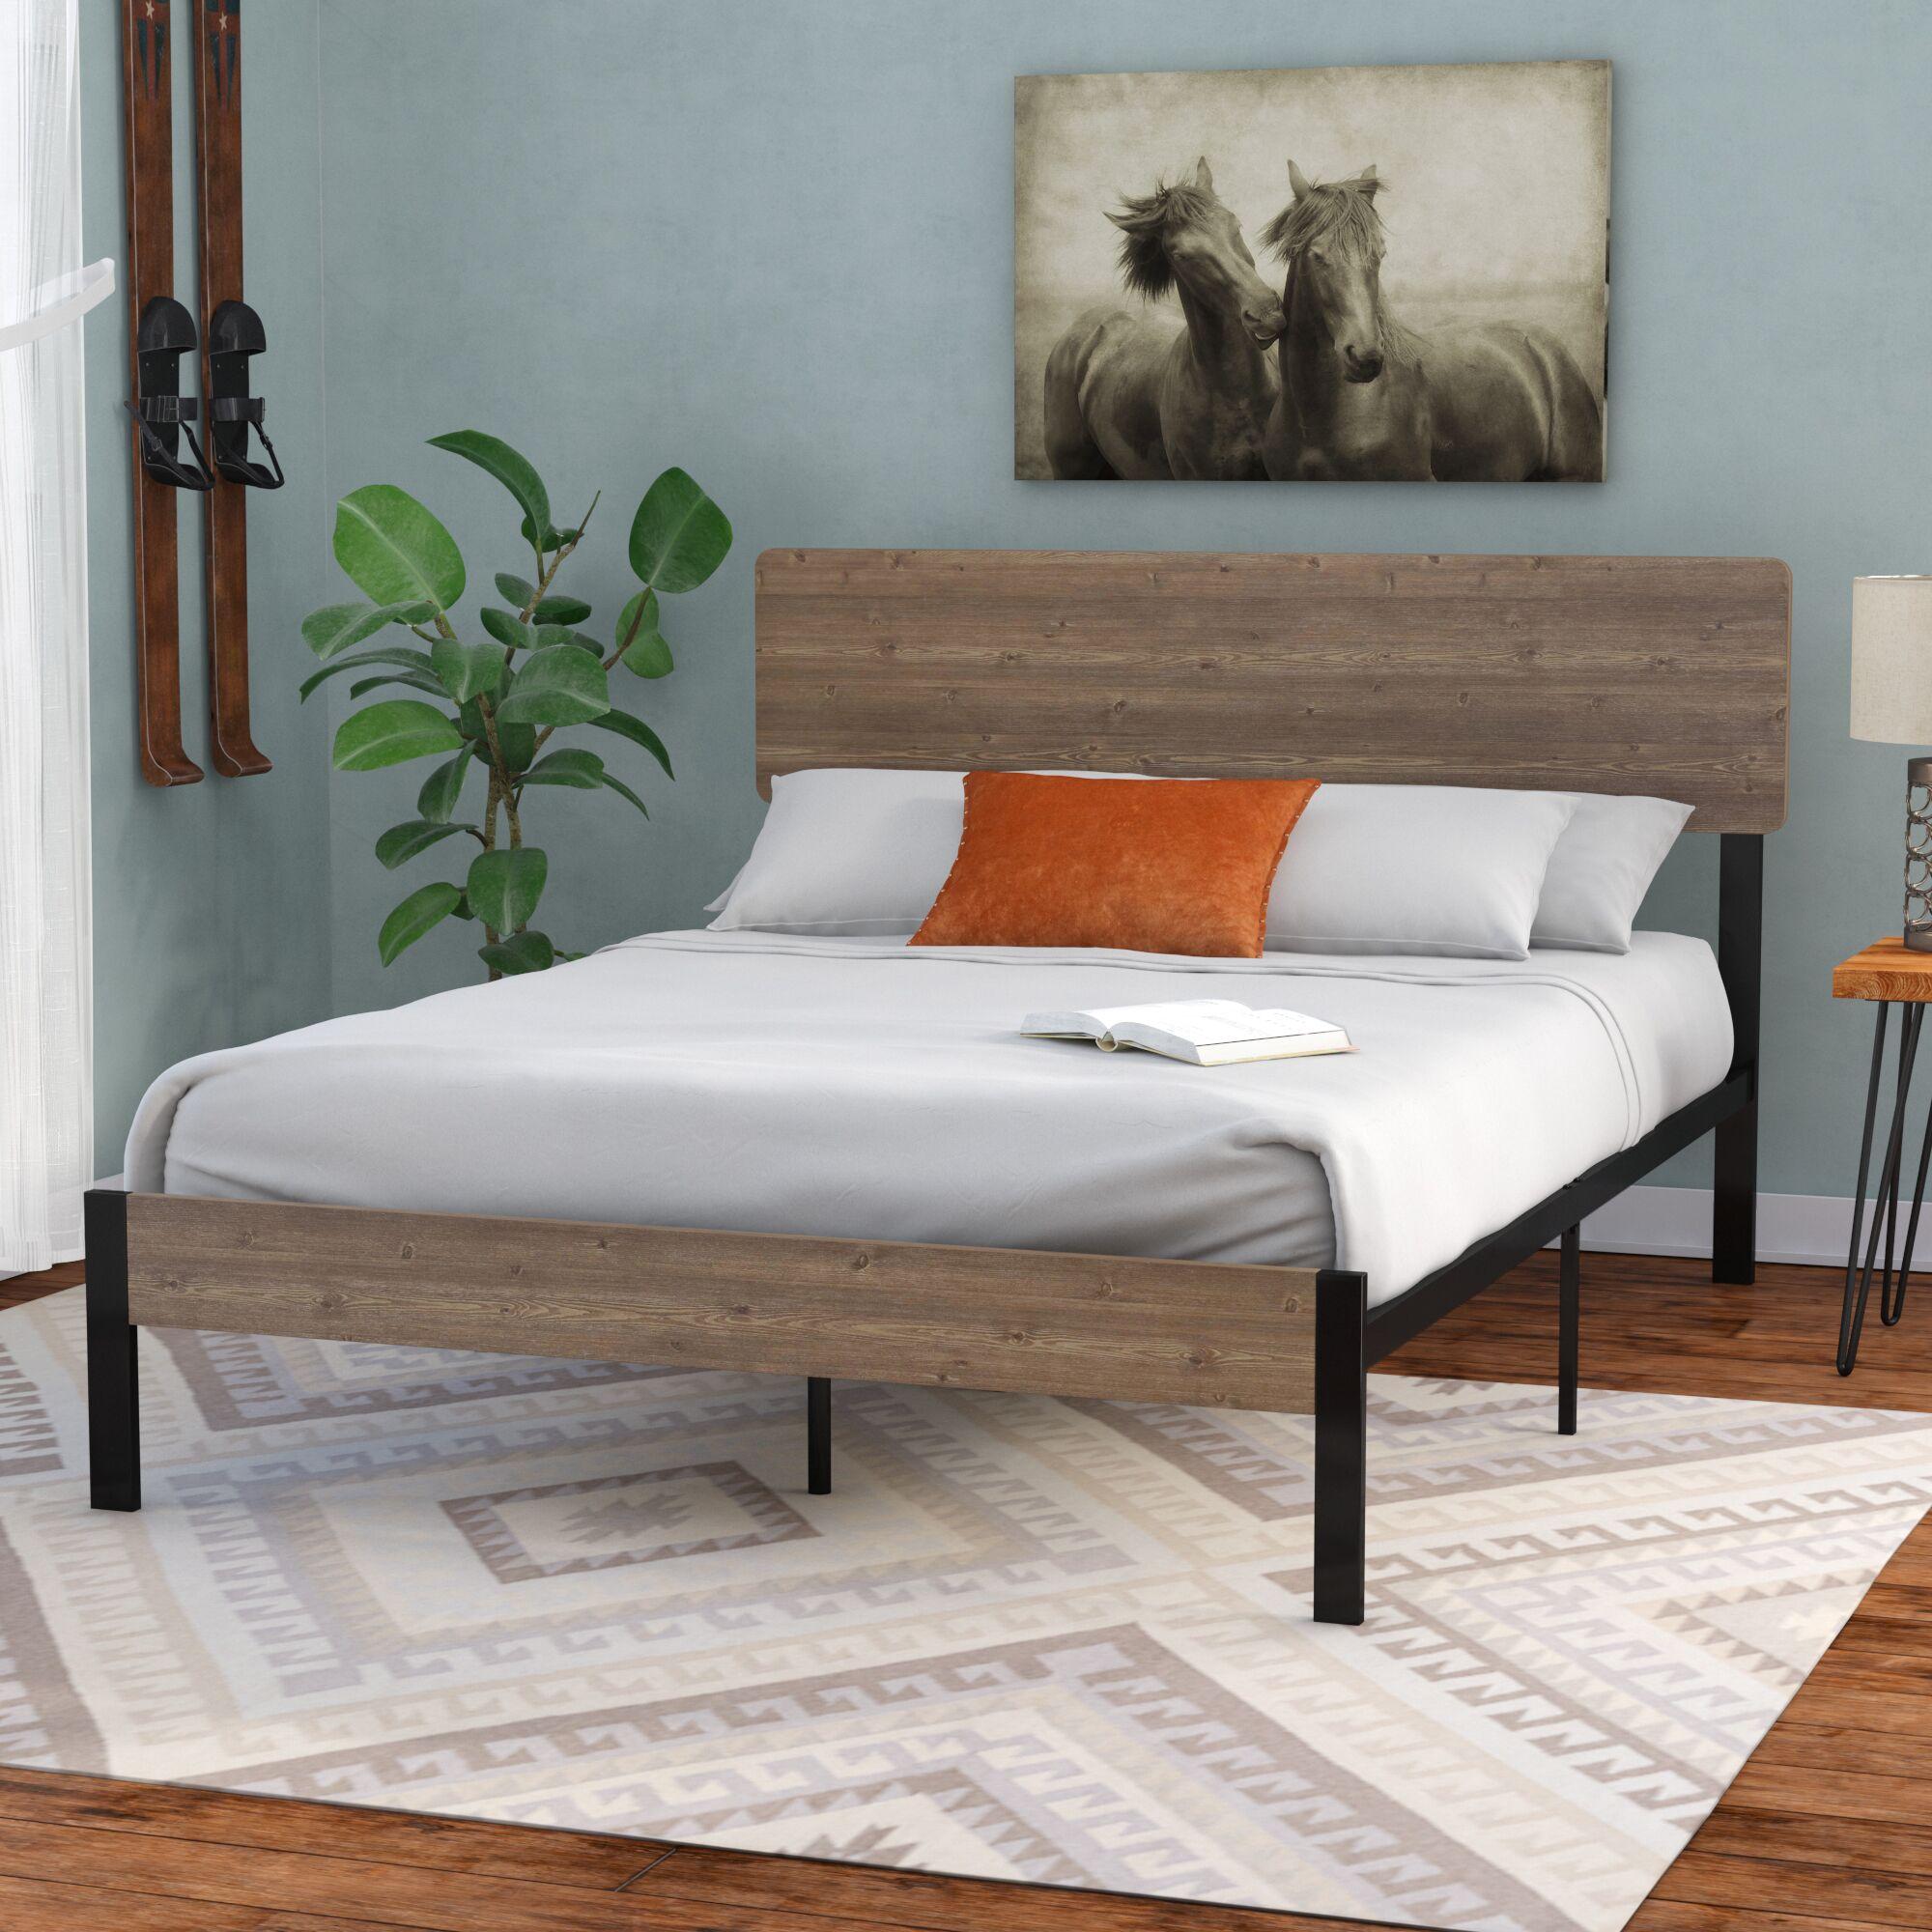 Partee Platform Bed Size: Queen